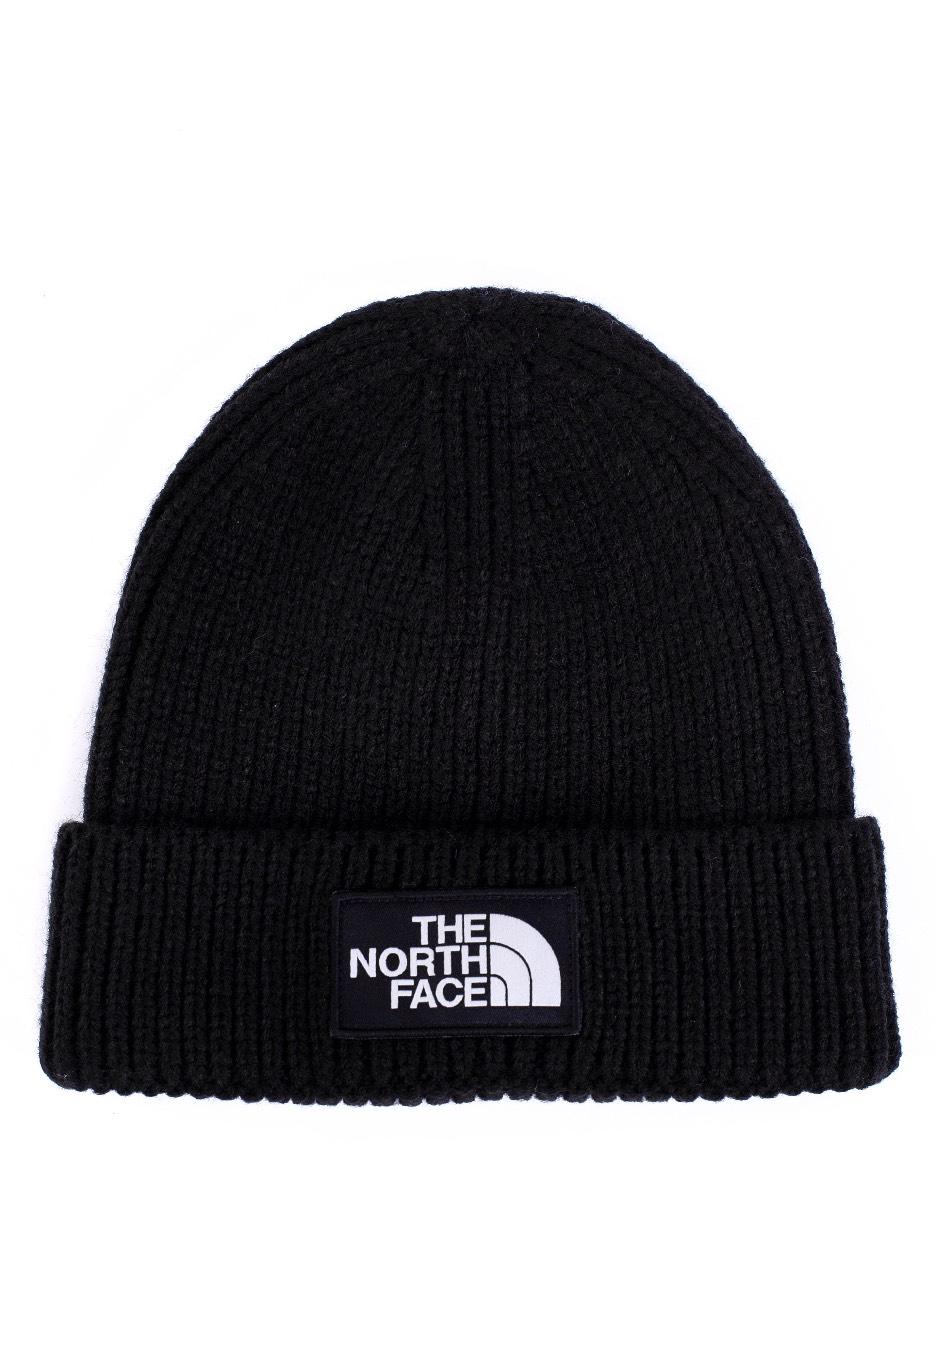 09b171493 The North Face - Logo Box TNF Black - Beanie